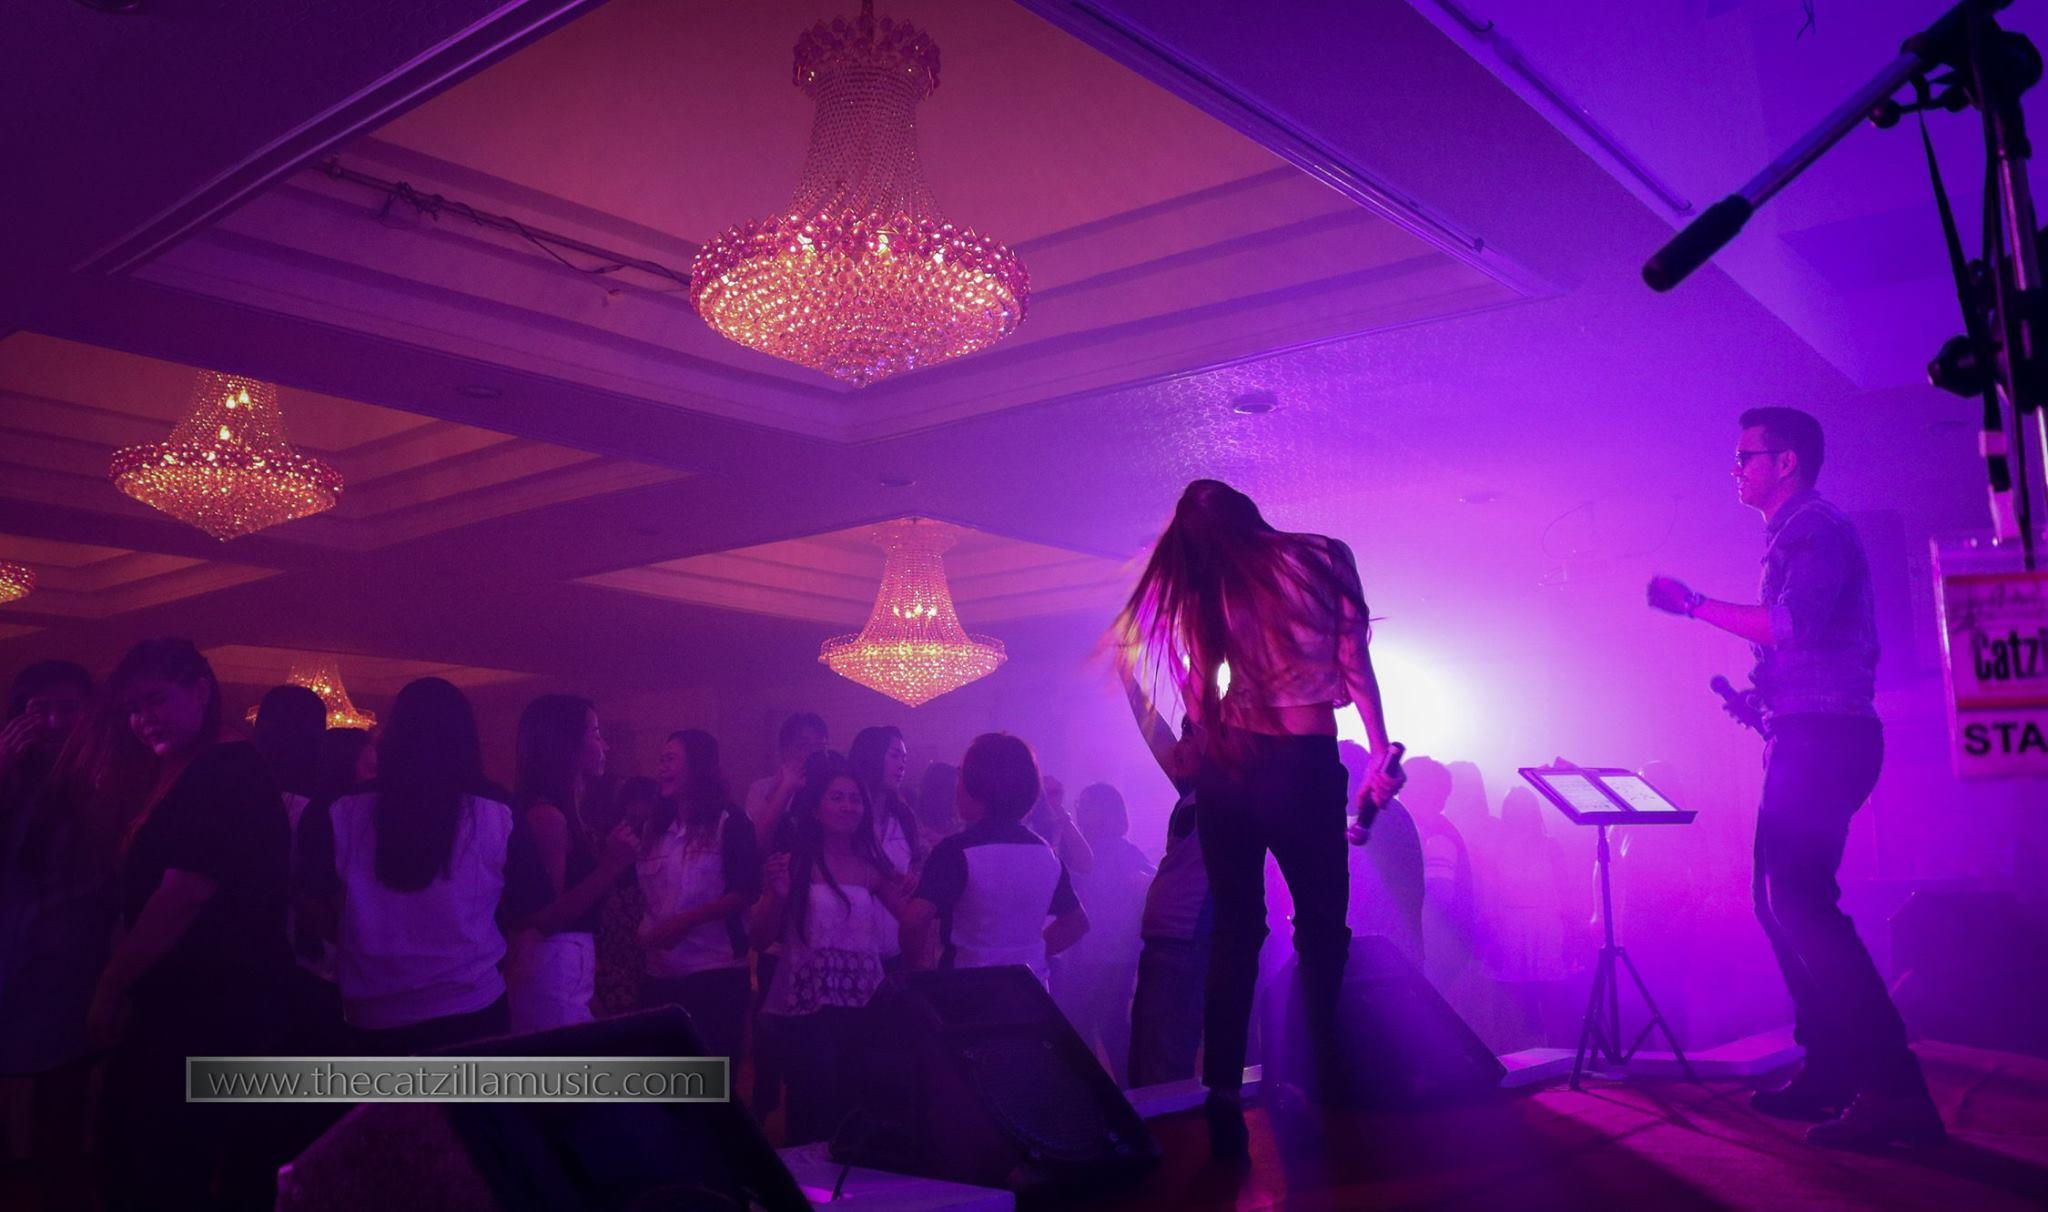 วงดนตรีงานเลี้ยง After Party งานแต่งงาน บุ๋นแบนด์ วงดนตรีสด After party wedding วงดนตรีงานแต่งงาน thecatzillamusic Avana 11